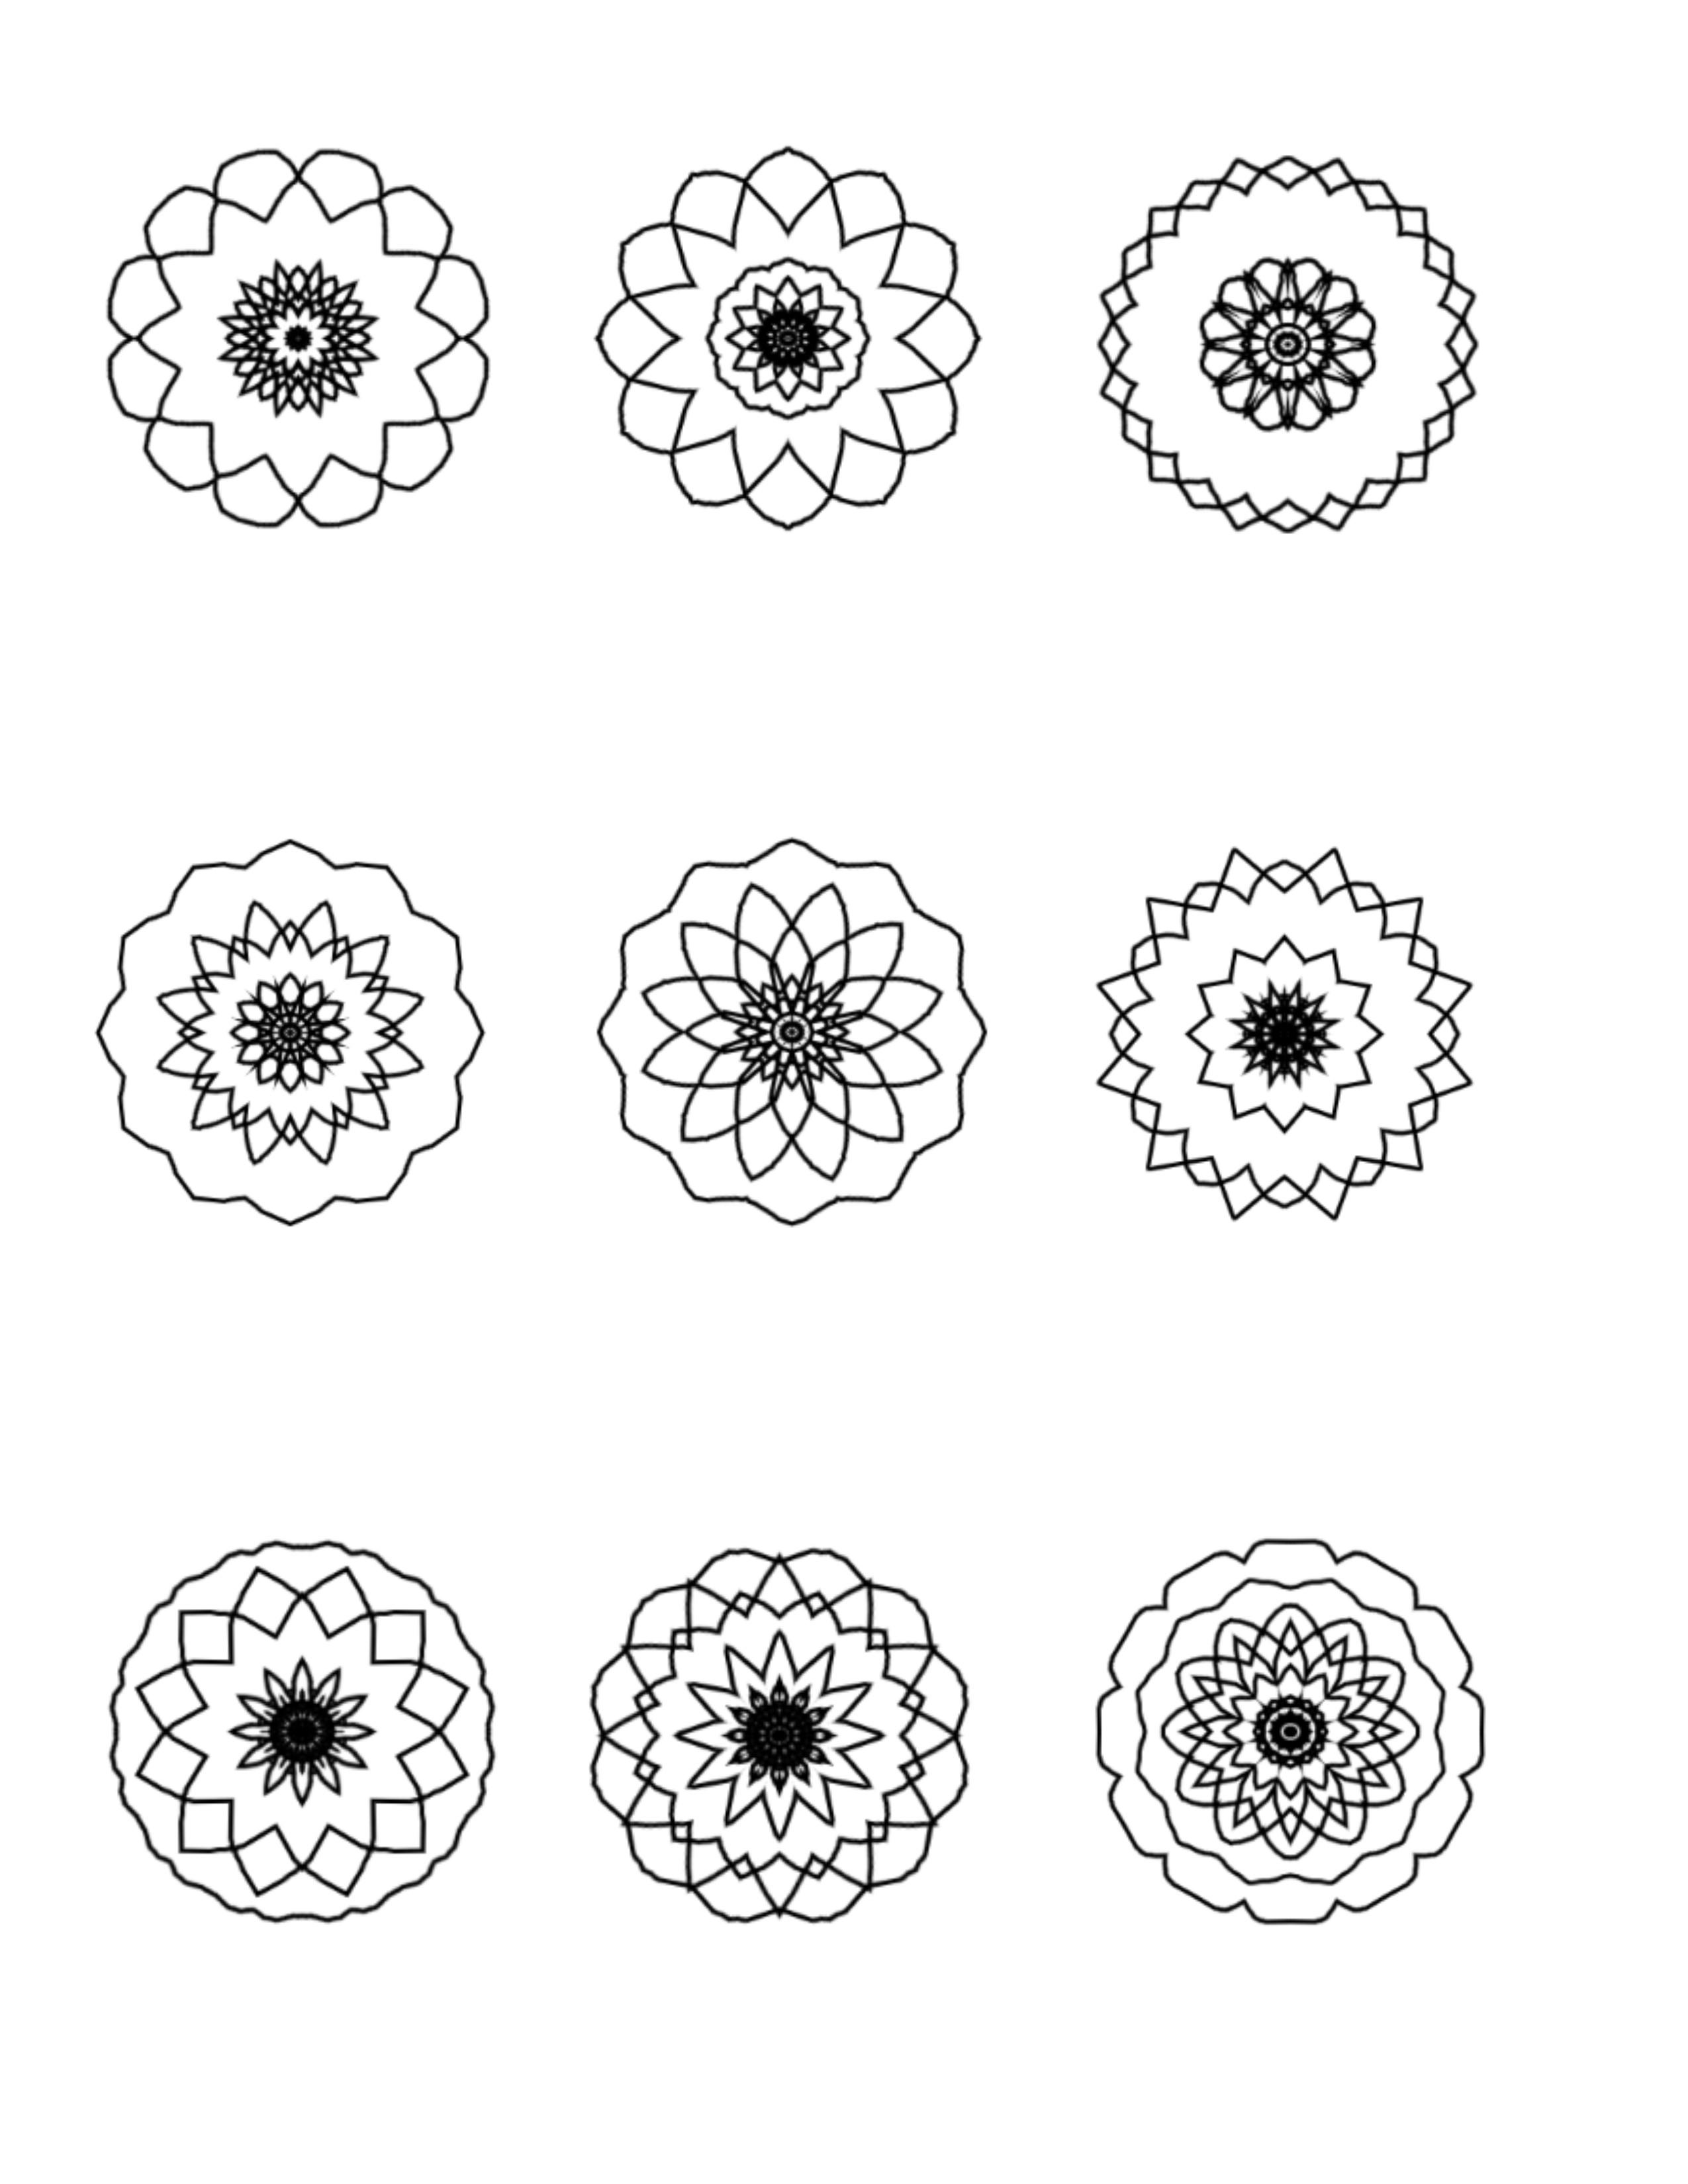 Ilah S Blog About Mandalas And Art